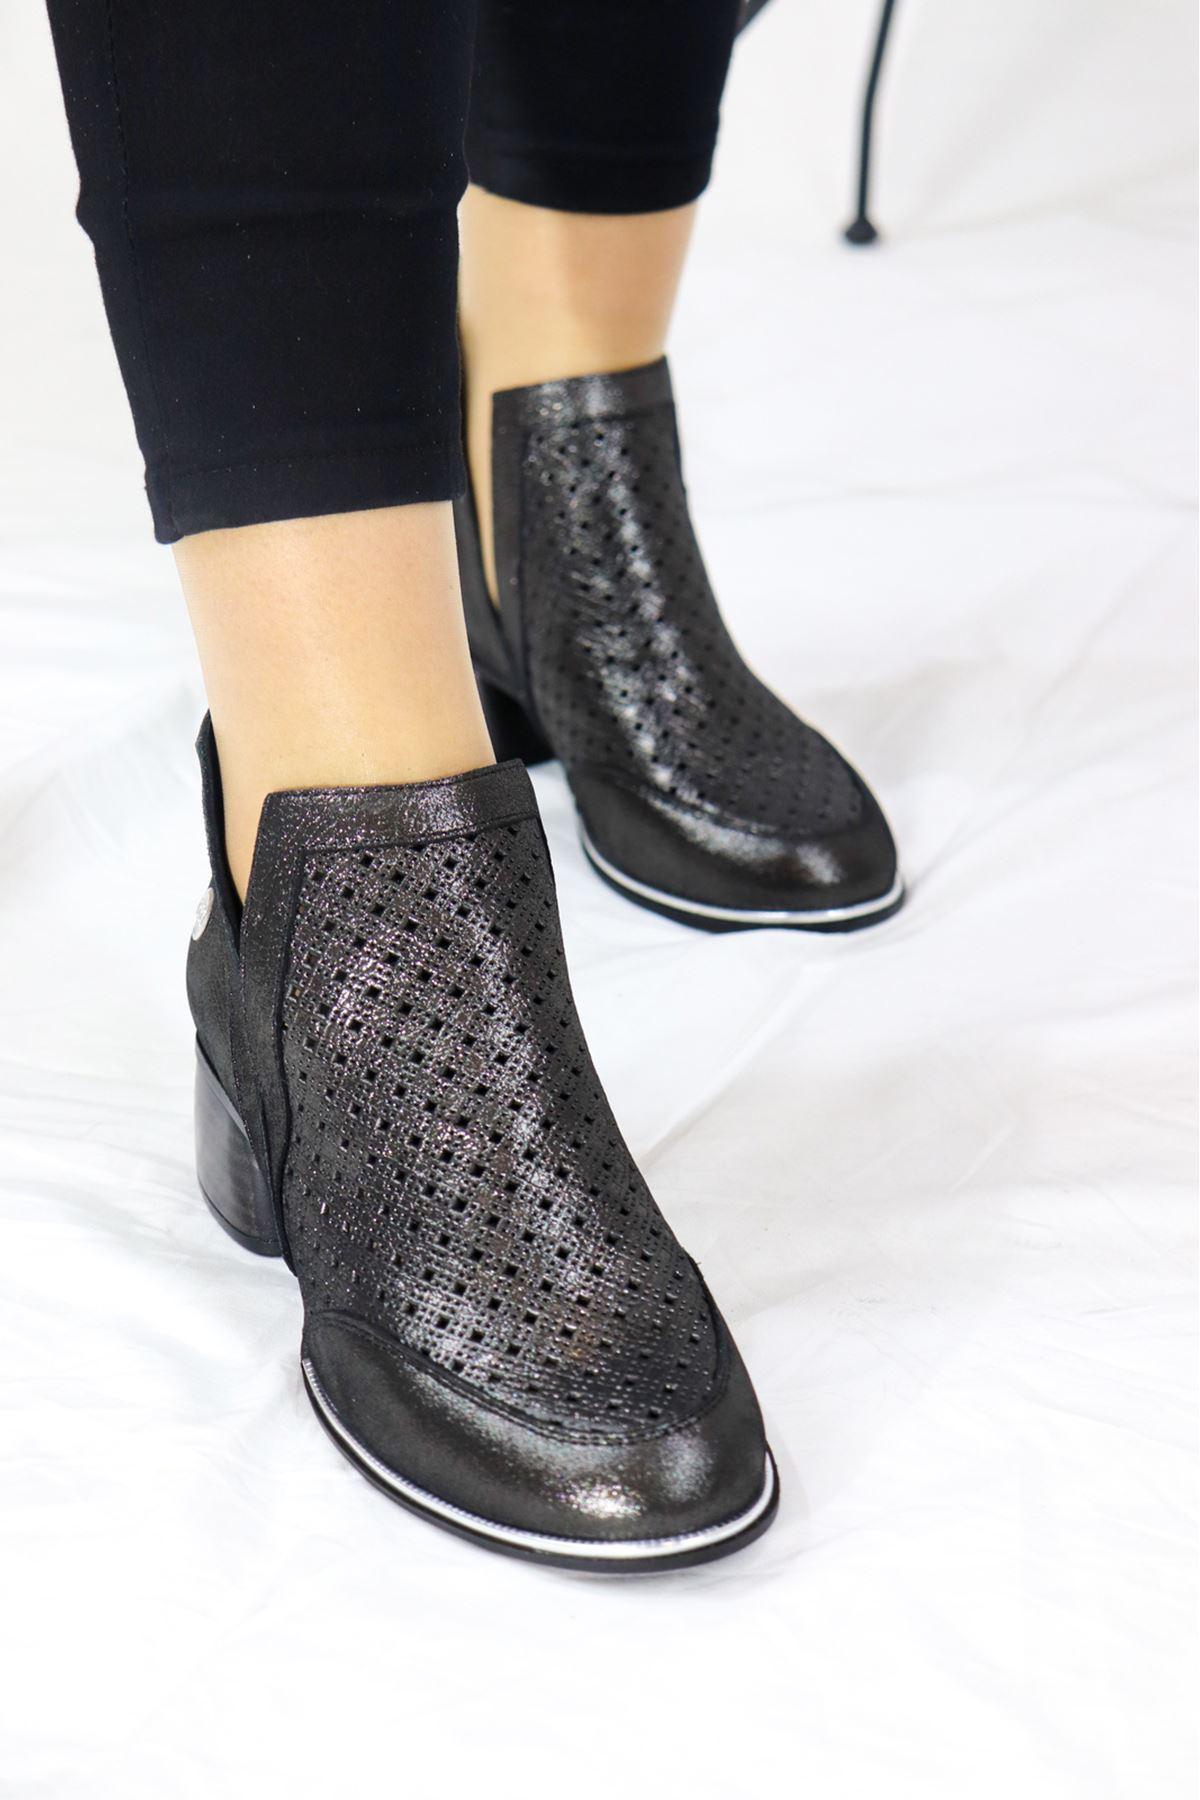 Mammamia - D21YA - 3040-B Çelik Simli Kadın Topuklu Ayakkabı